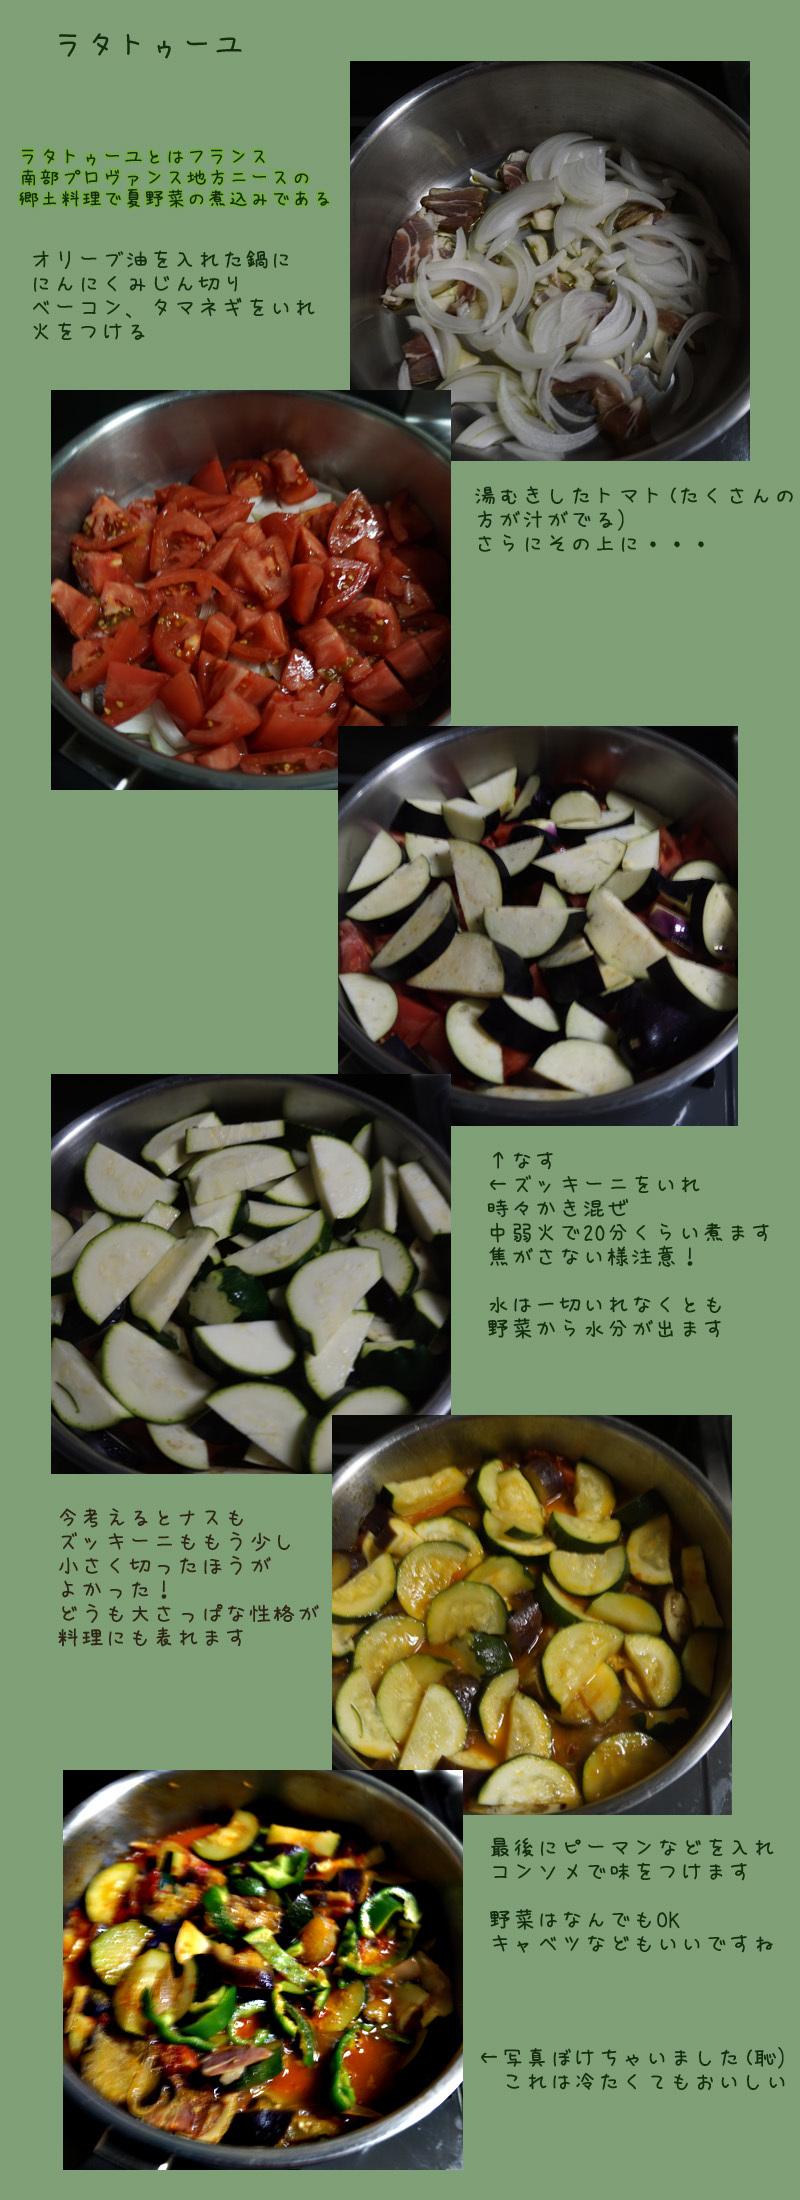 b0019313_16073614.jpg